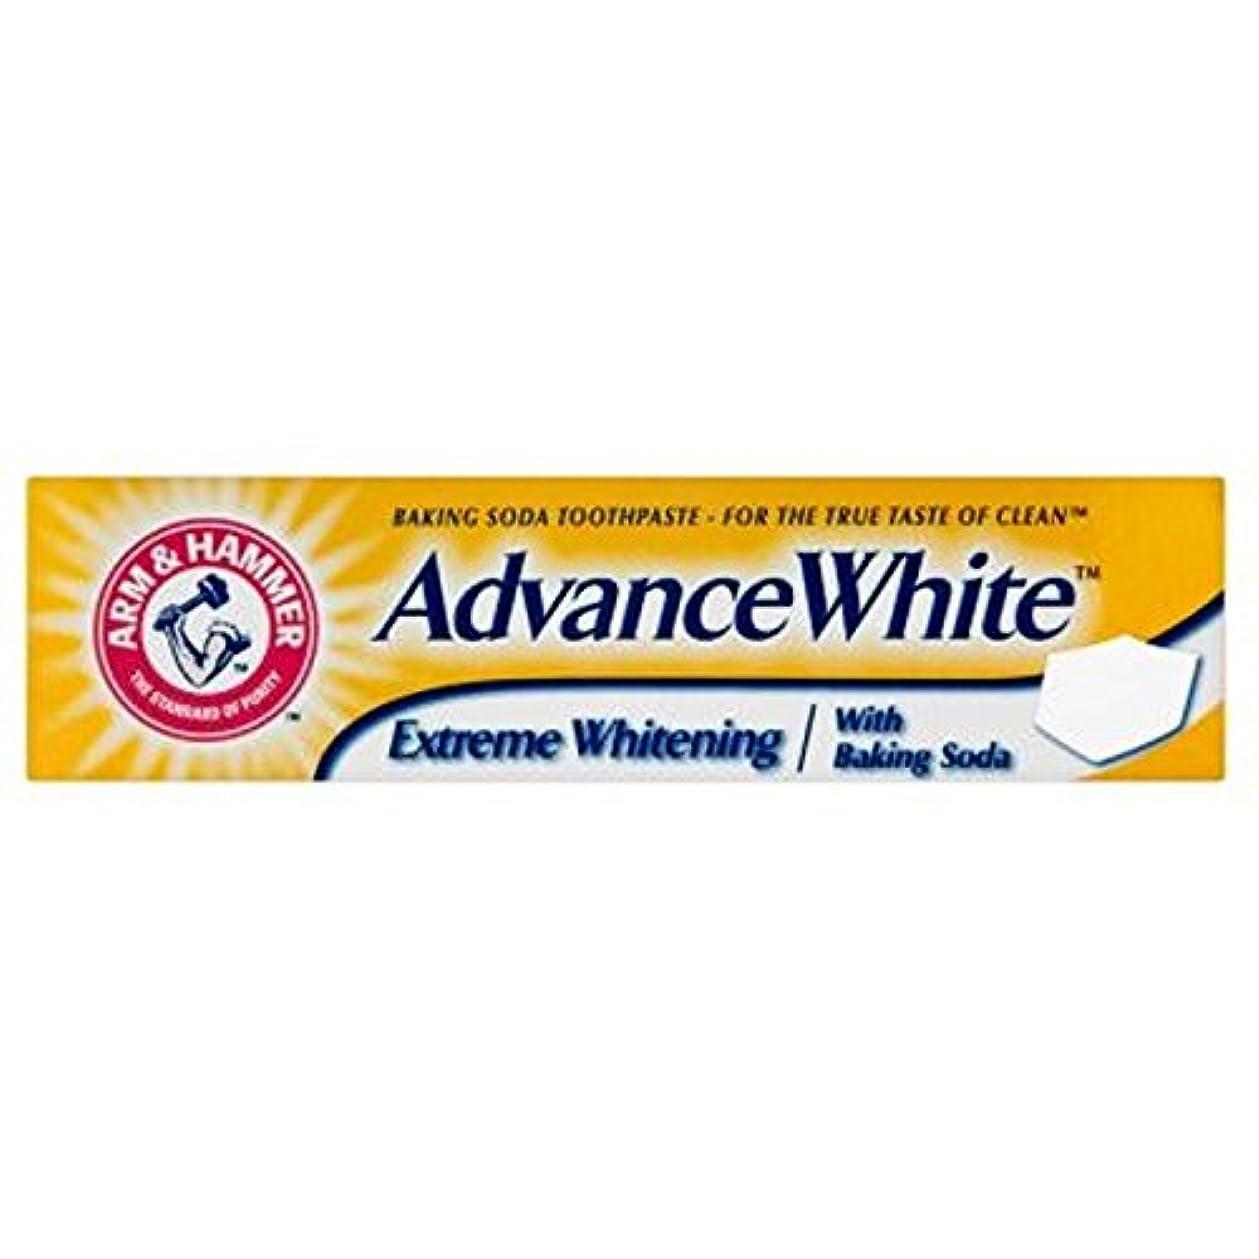 休憩馬鹿げた警告重曹歯磨き粉75ミリリットルをホワイトニングアーム&ハンマー事前白極端 (Arm & Hammer) (x2) - Arm & Hammer Advance White Extreme Whitening Baking Soda Toothpaste 75ml (Pack of 2) [並行輸入品]